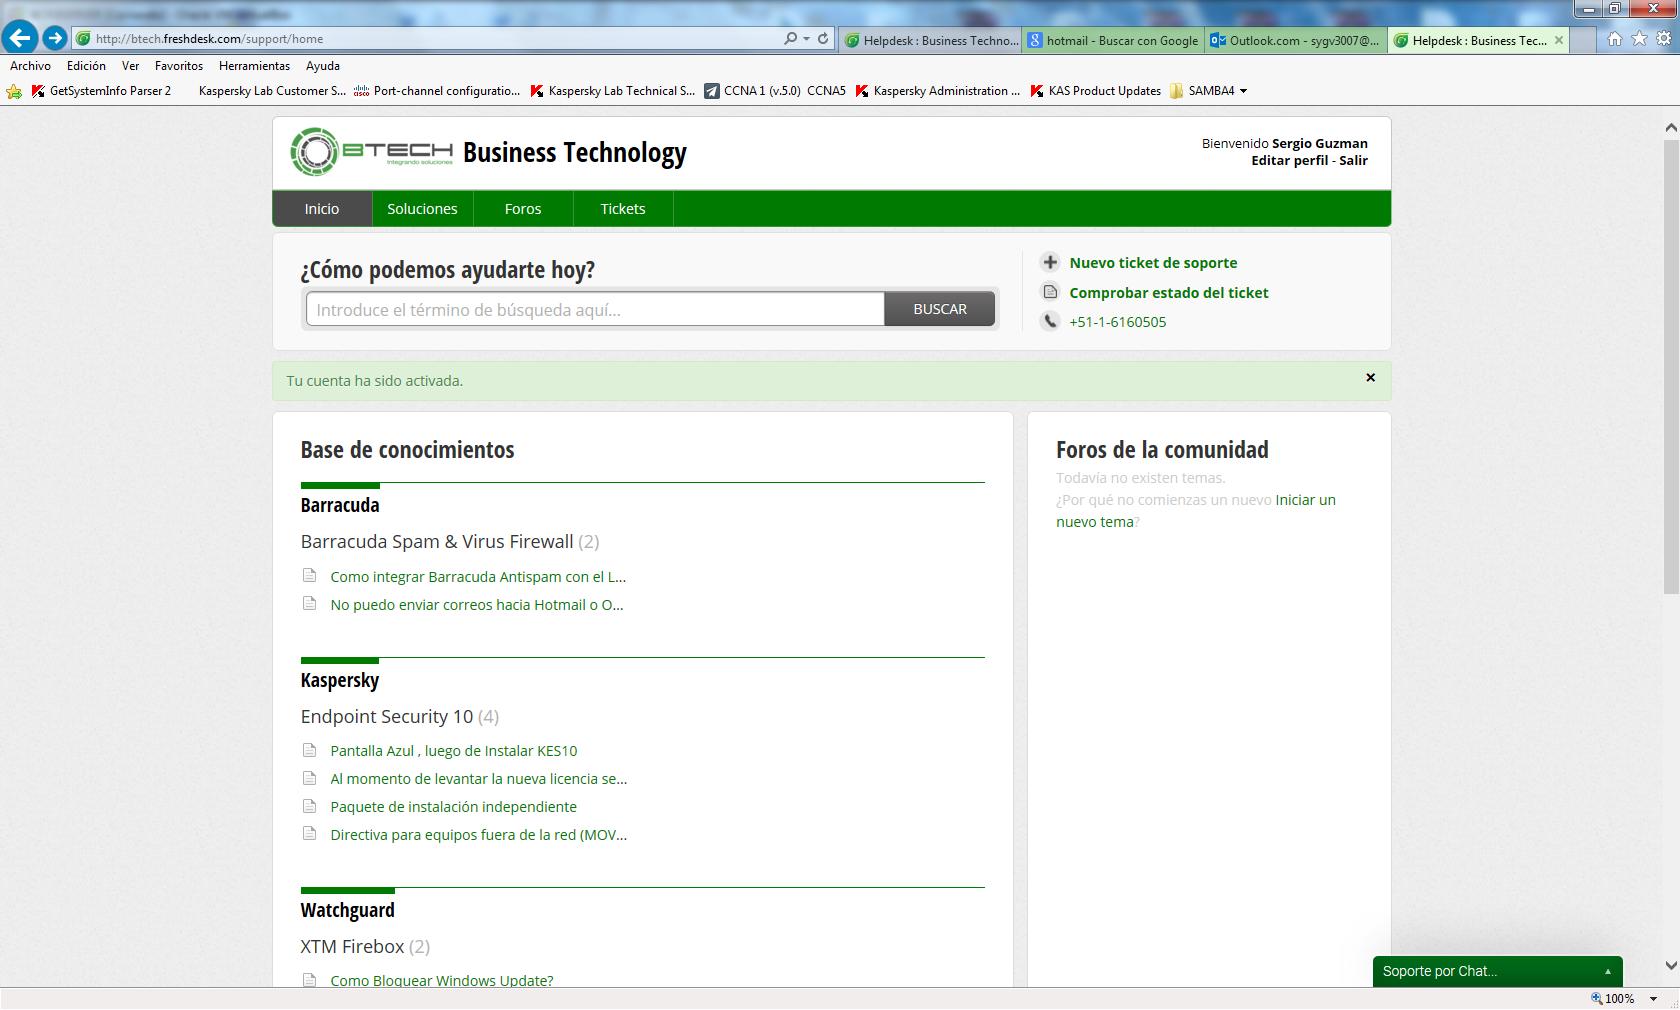 helpdesk_pagina_interna.png